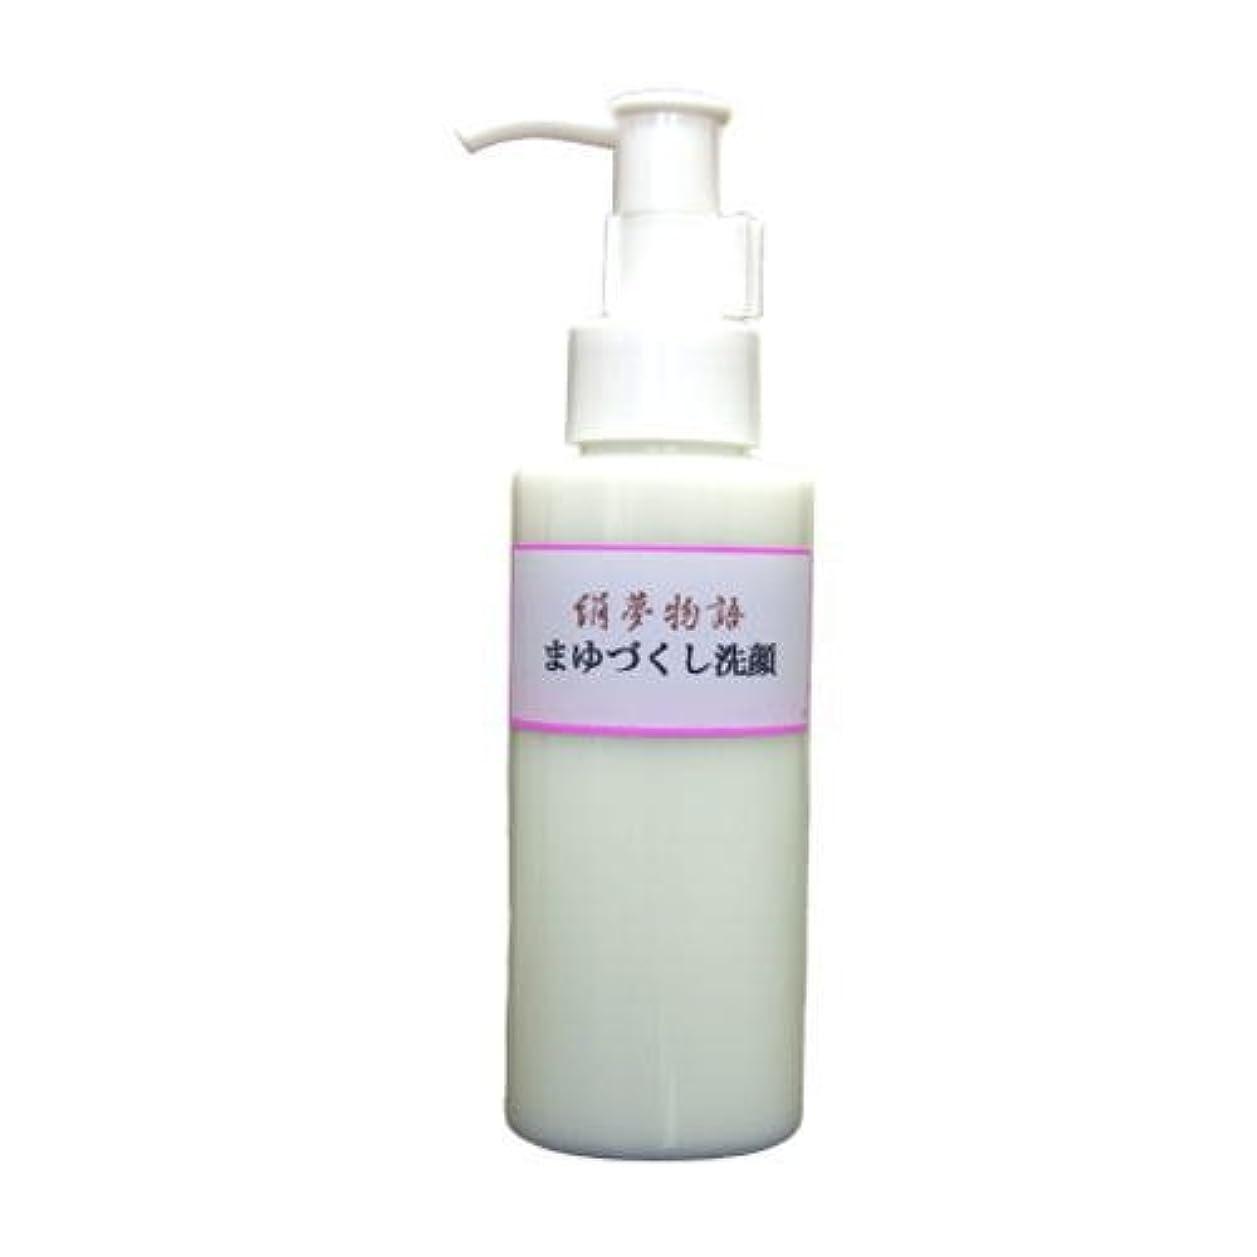 購入シーフード彫る絹夢物語まゆづくし洗顔(100ml)